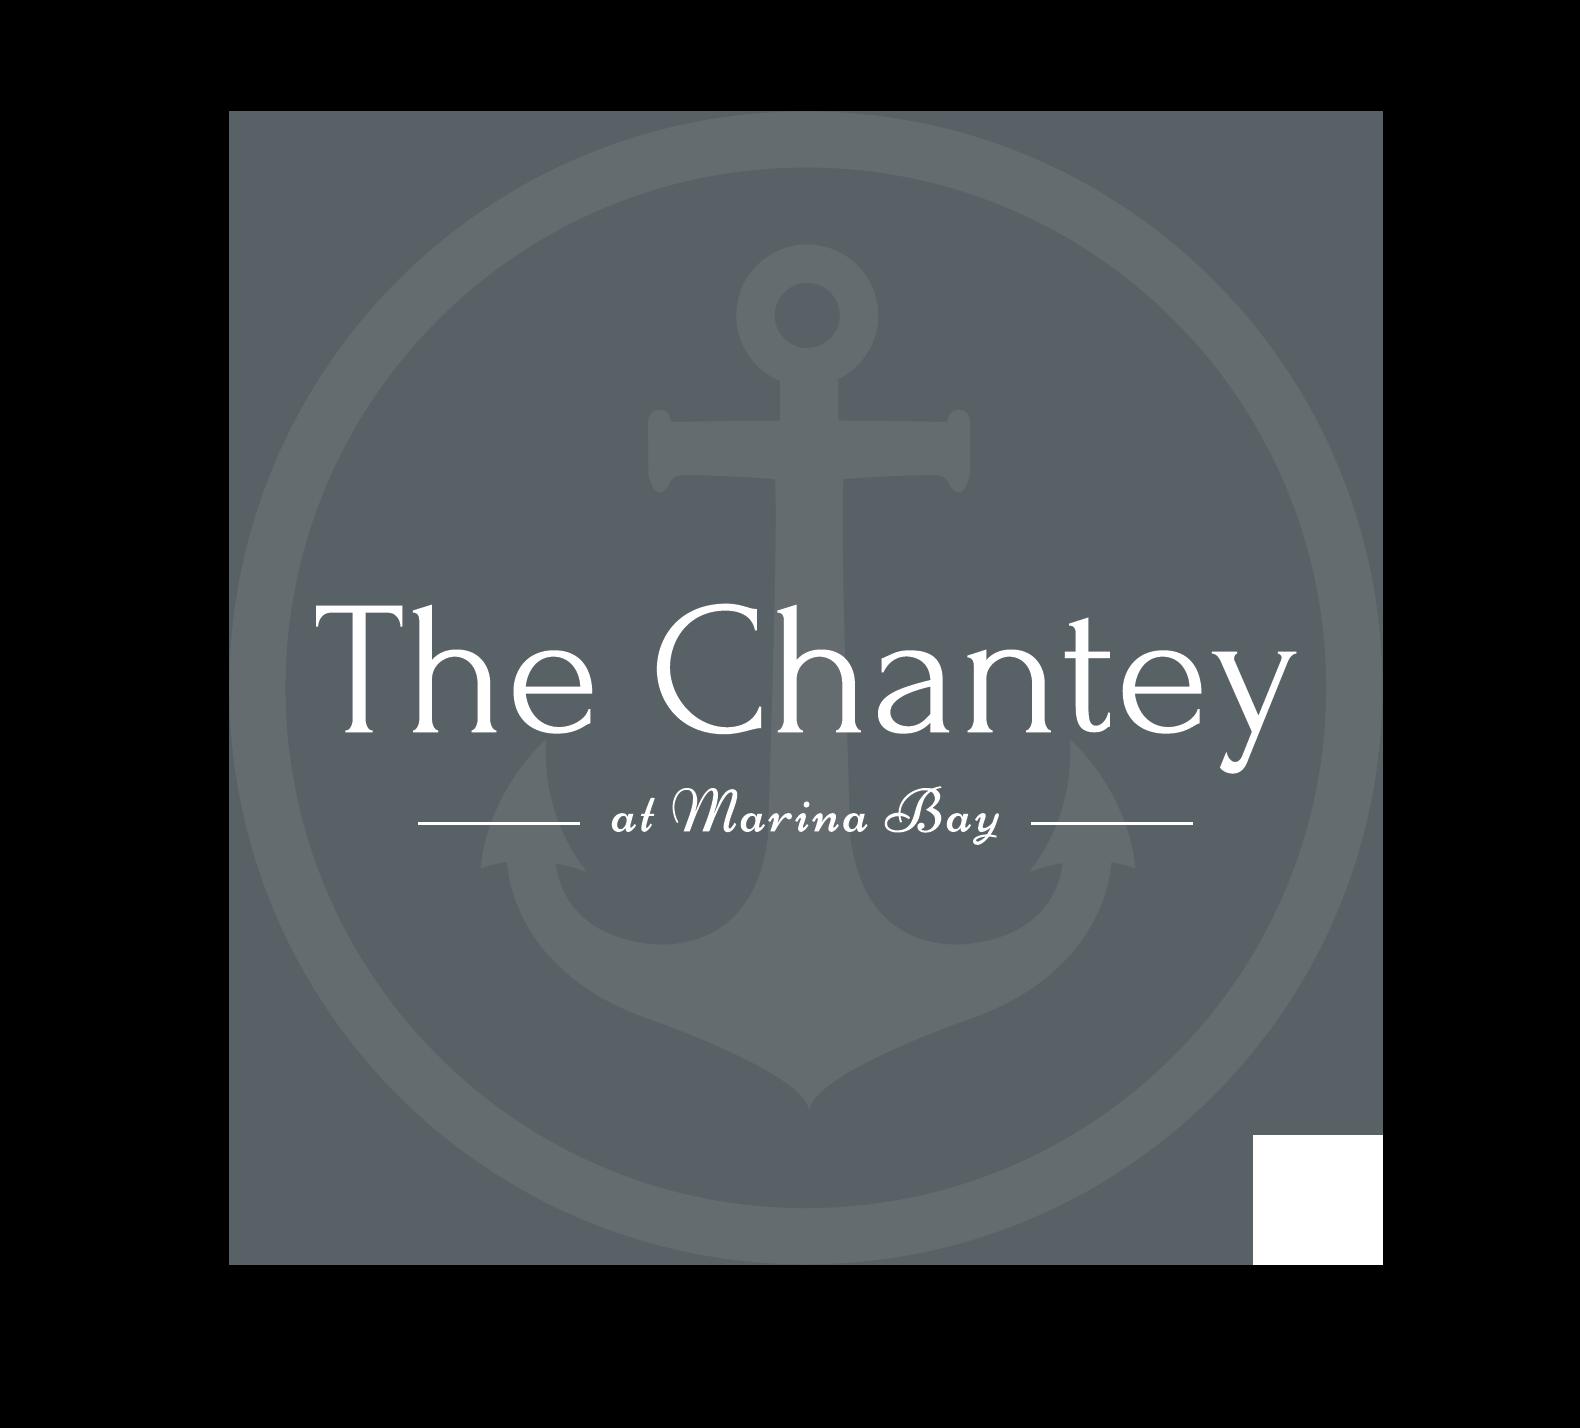 The Chantey